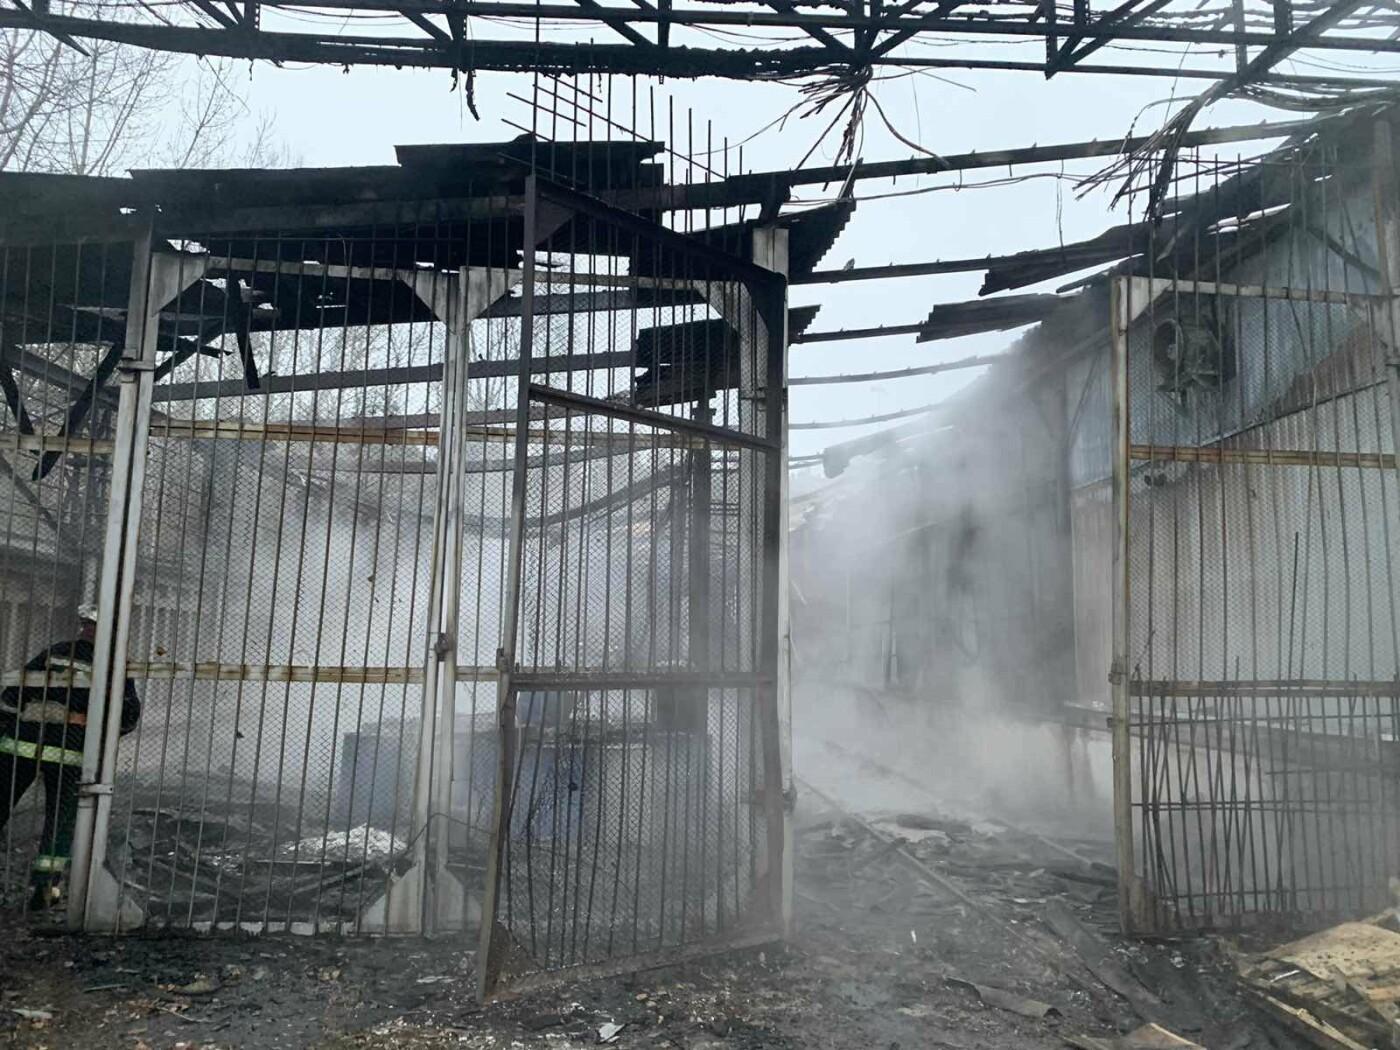 В Харьковской области загорелось предприятие по производству мыла, - ФОТО, фото-1